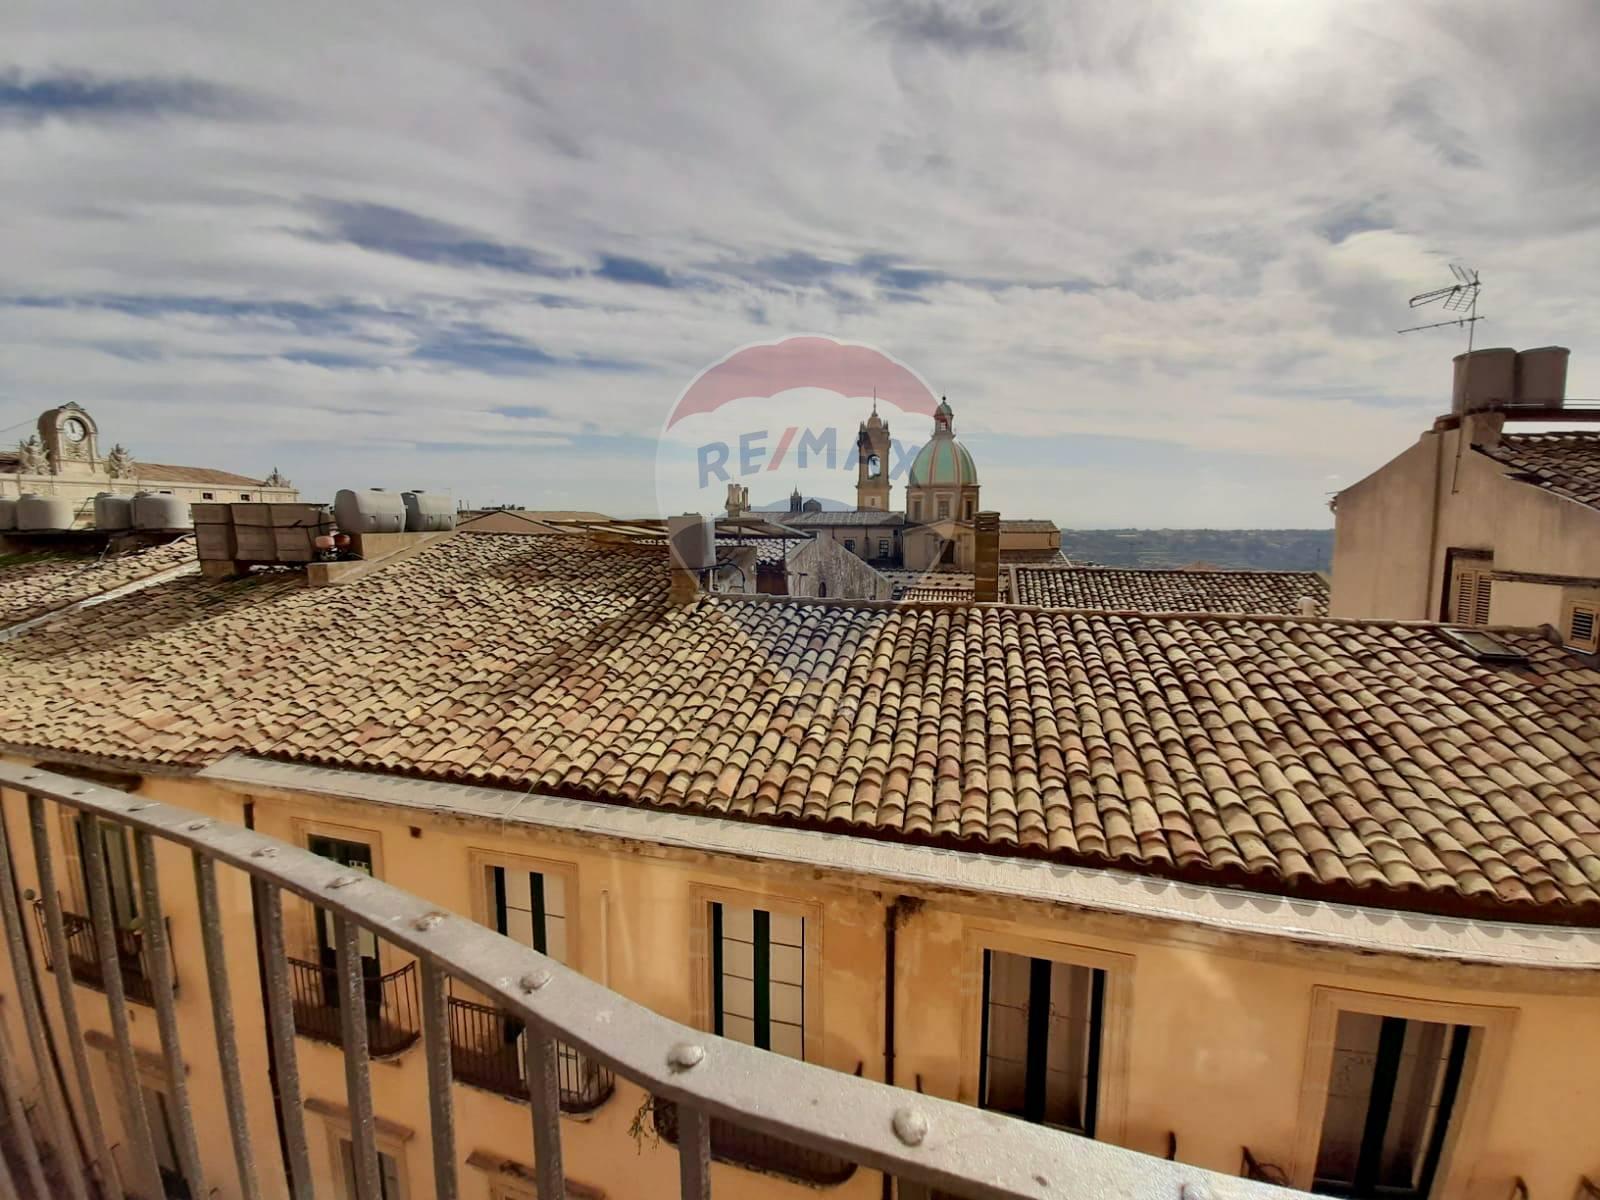 Appartamento in vendita a Caltagirone, 8 locali, prezzo € 125.000 | CambioCasa.it